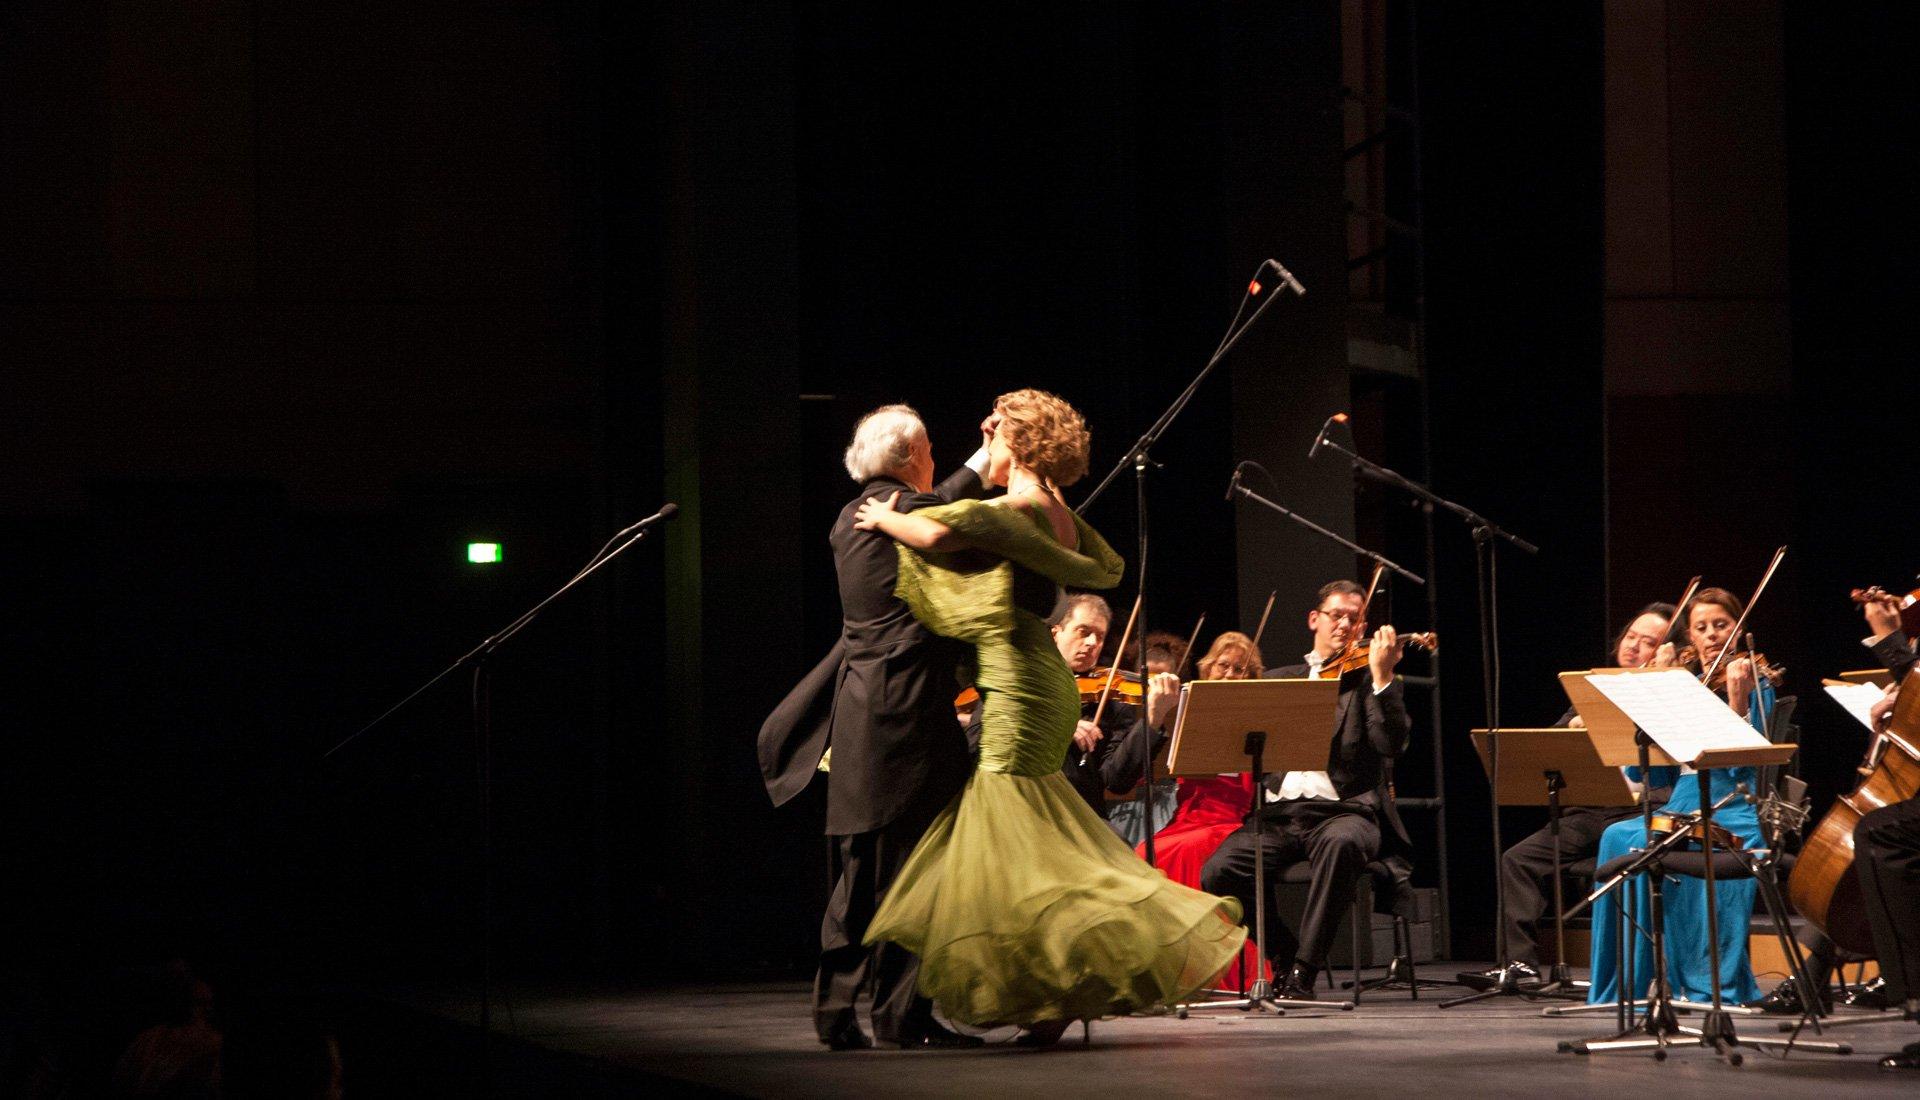 Strauss Vienna Orchestra - Σκηνή